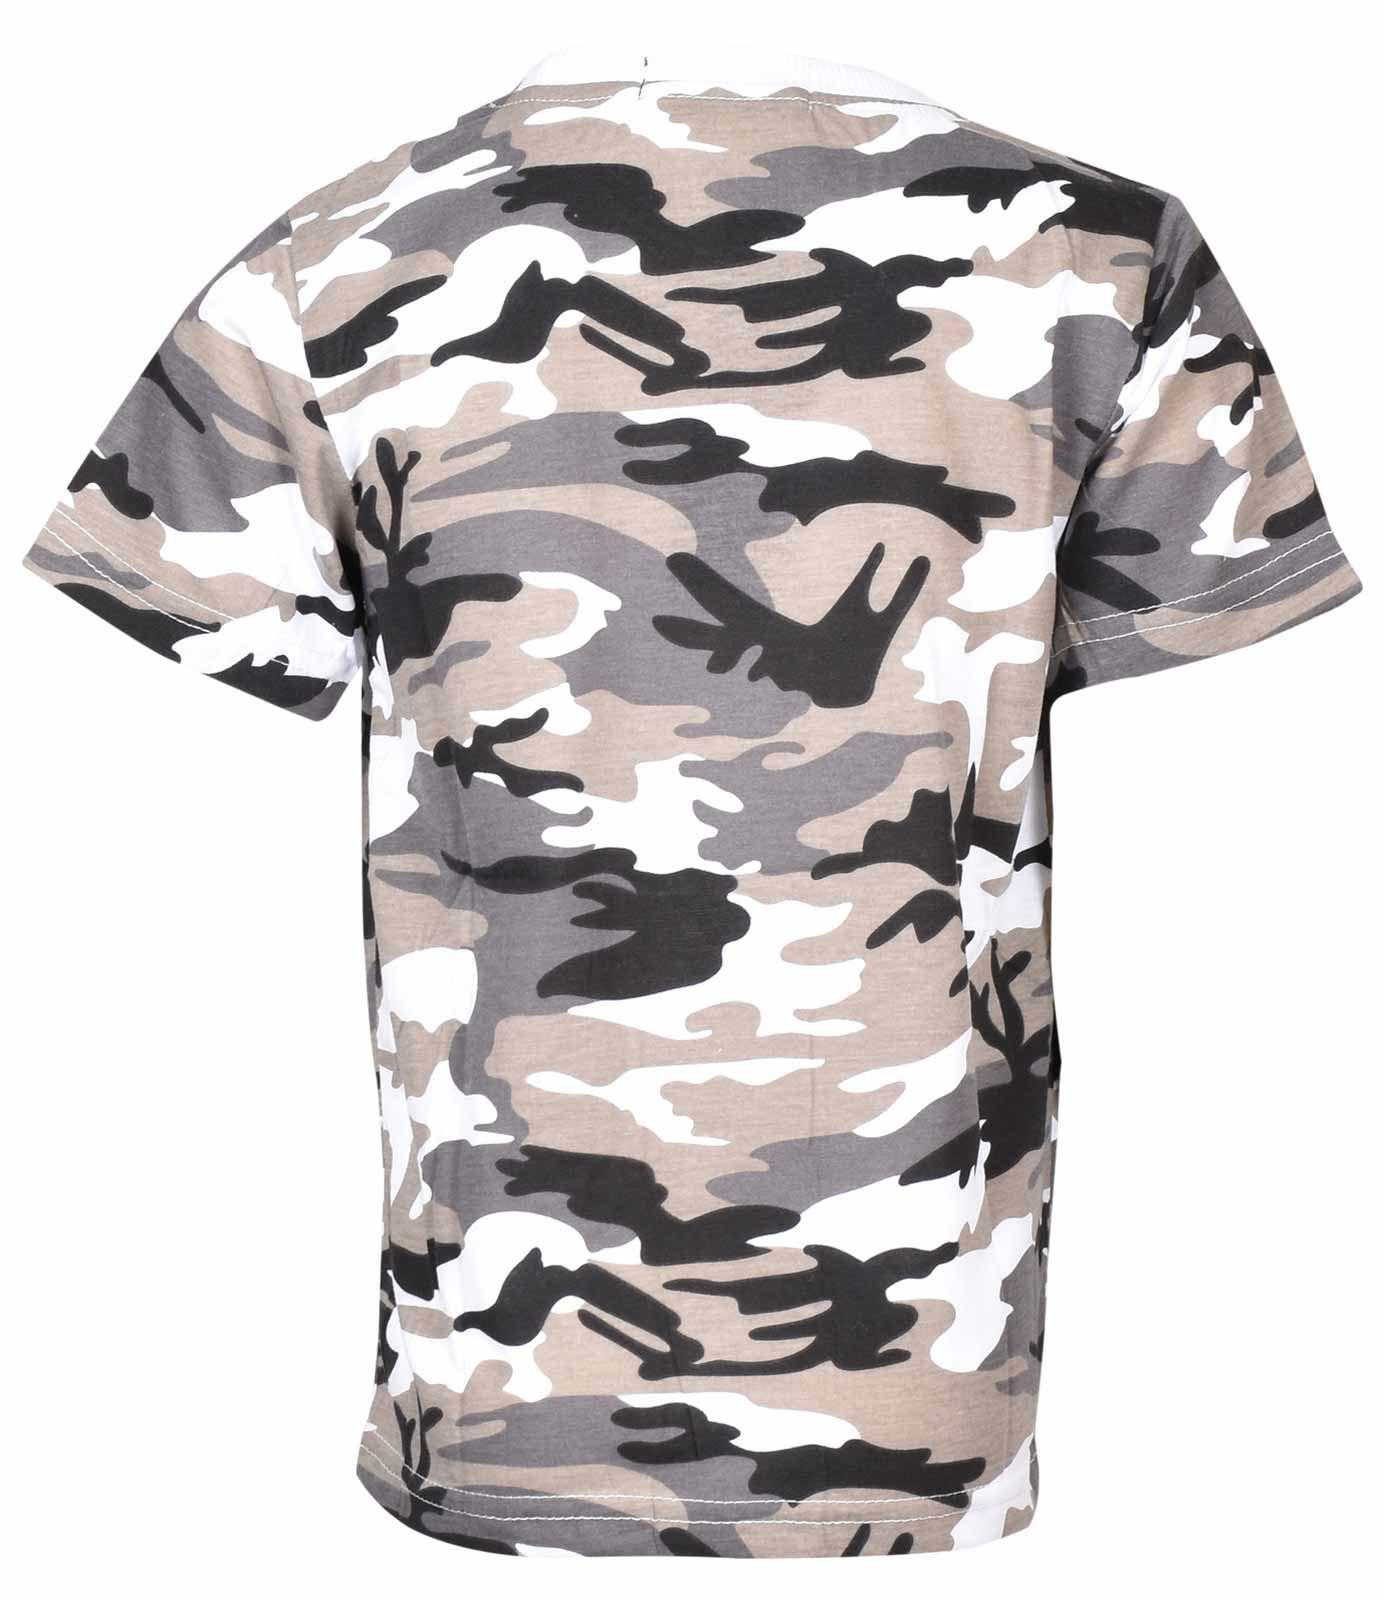 458c2b1a4ba9 Maglietta mimetica per camerette per ragazzi Army Woodland Camo Scuola  militare PE Top 2-13 anni